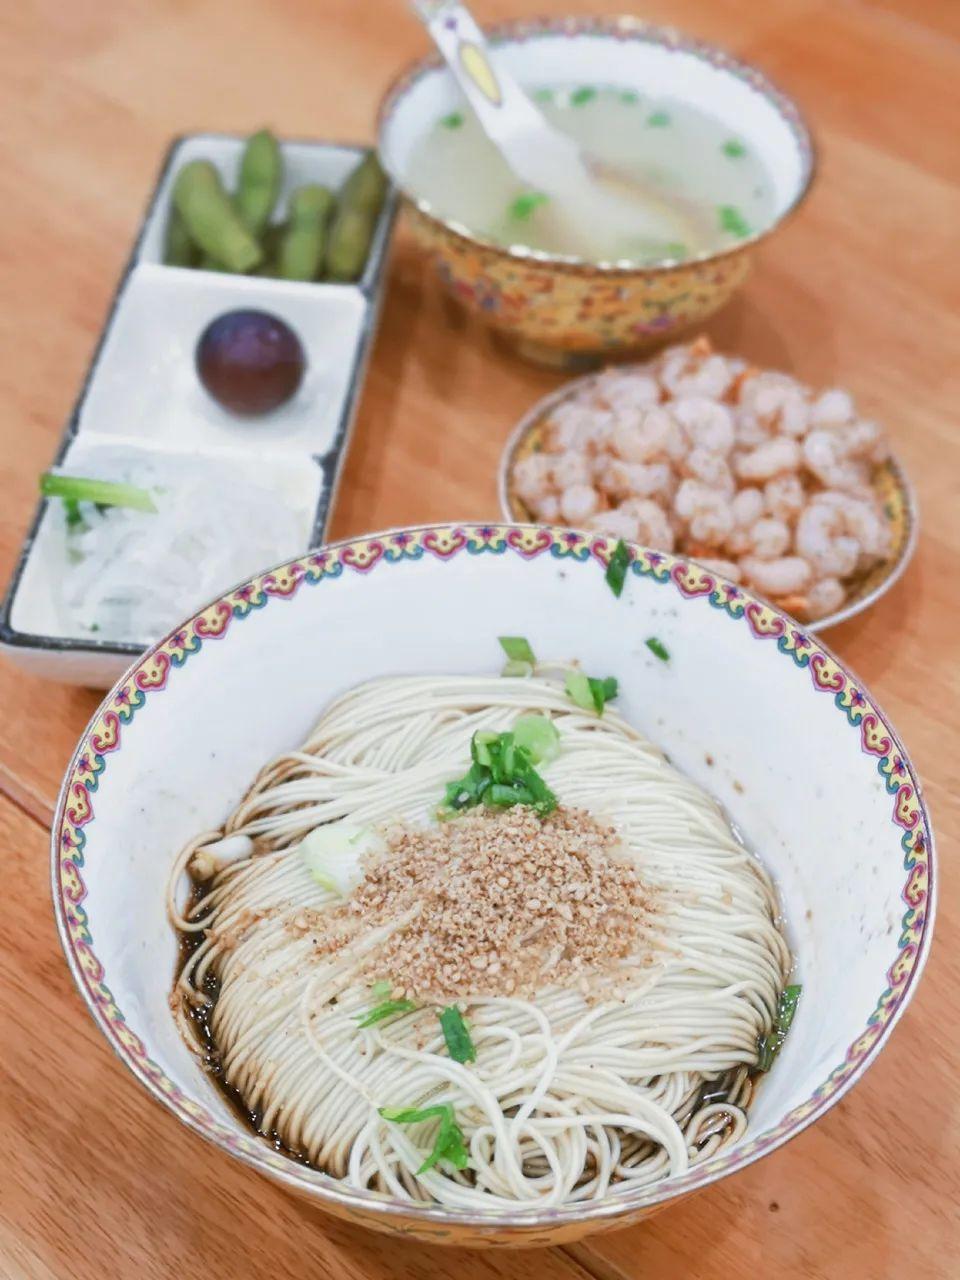 ▲ 娟秀的三虾面,与生长在江南水乡的苏州人契合。摄影/Jory君君,图/图虫·创意